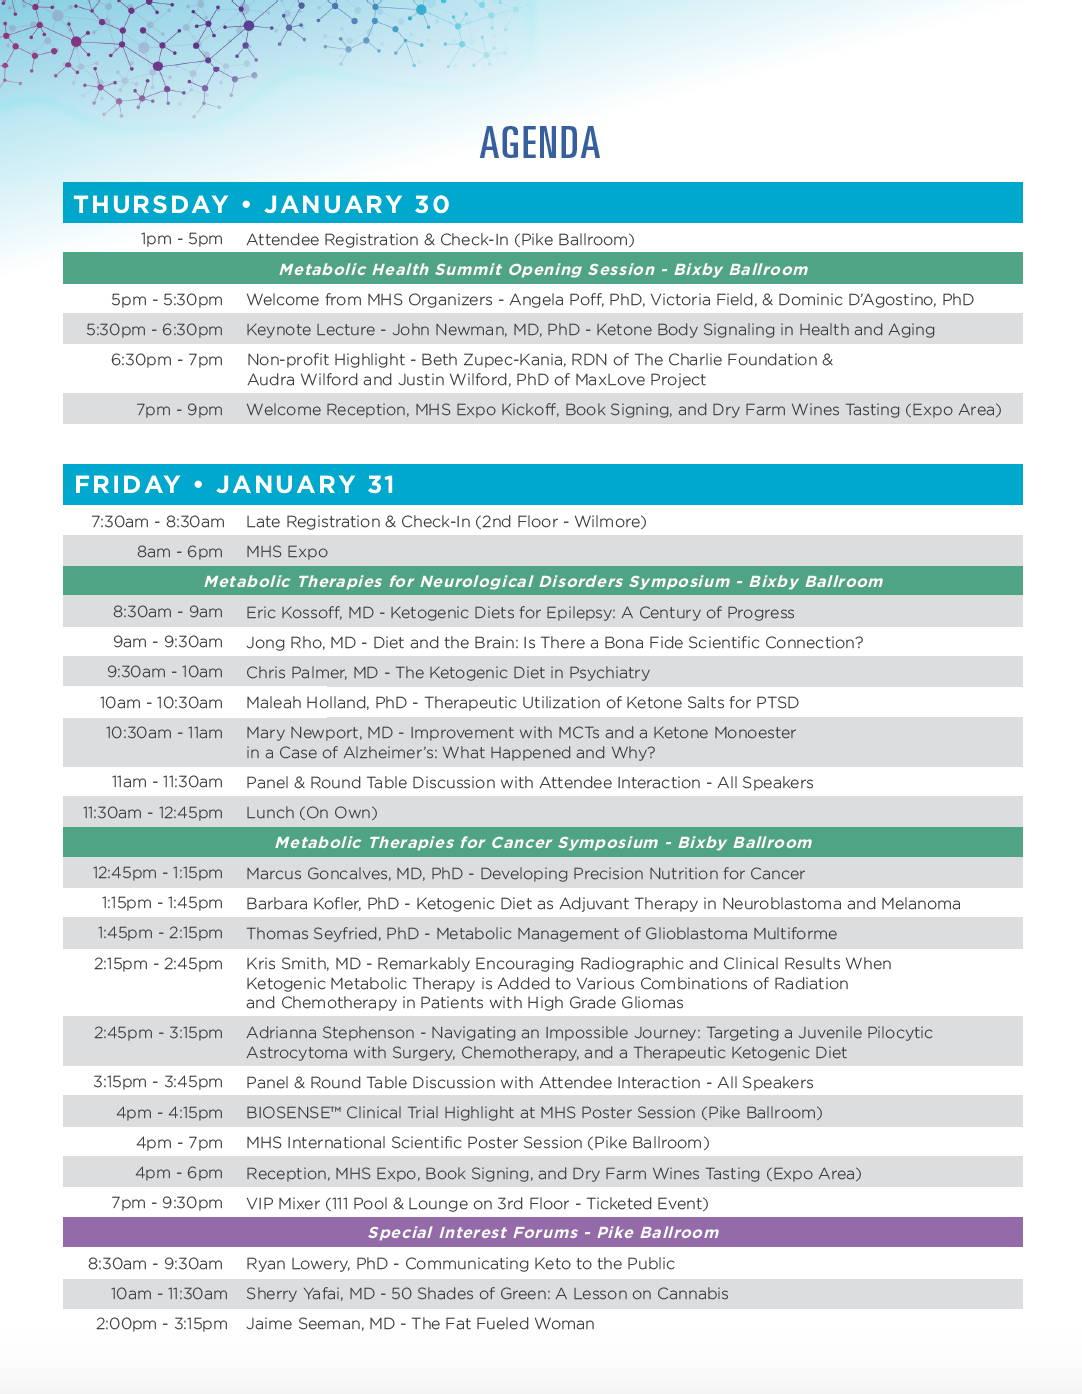 Metabolic Health Summit Schedule